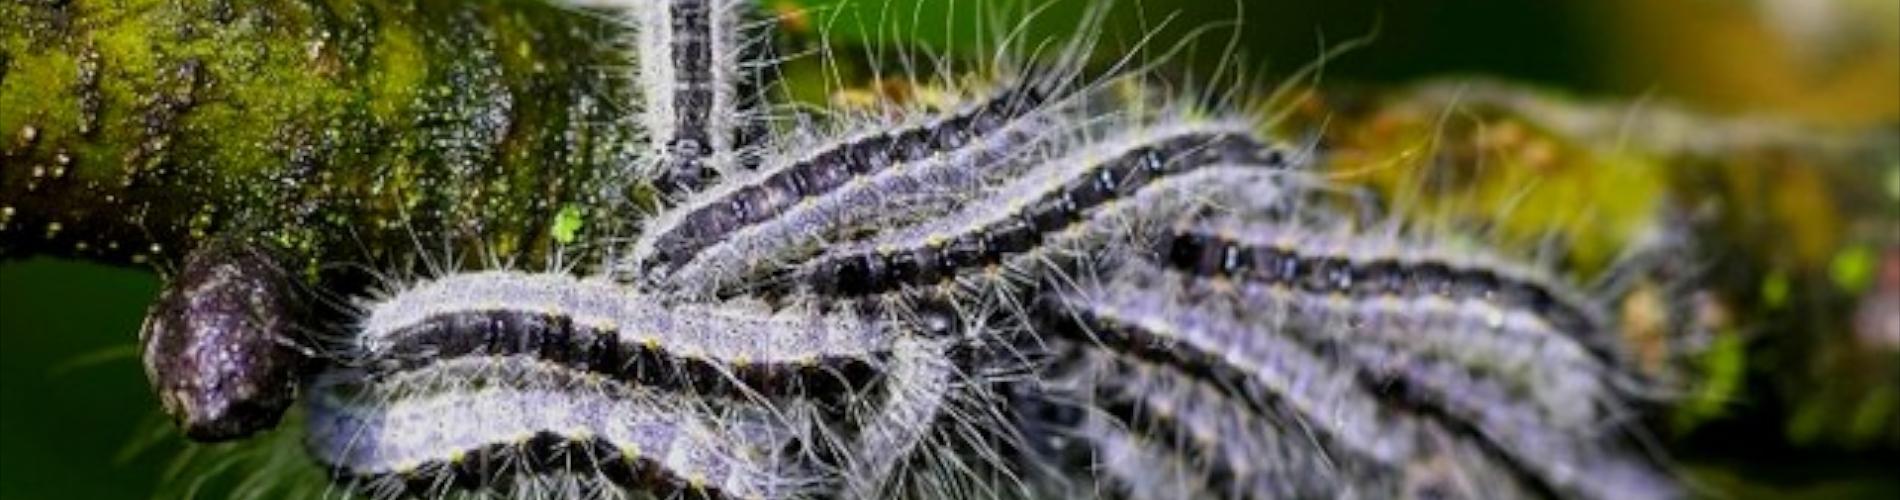 Parzące gąsienice, uwaga na korowodkowate